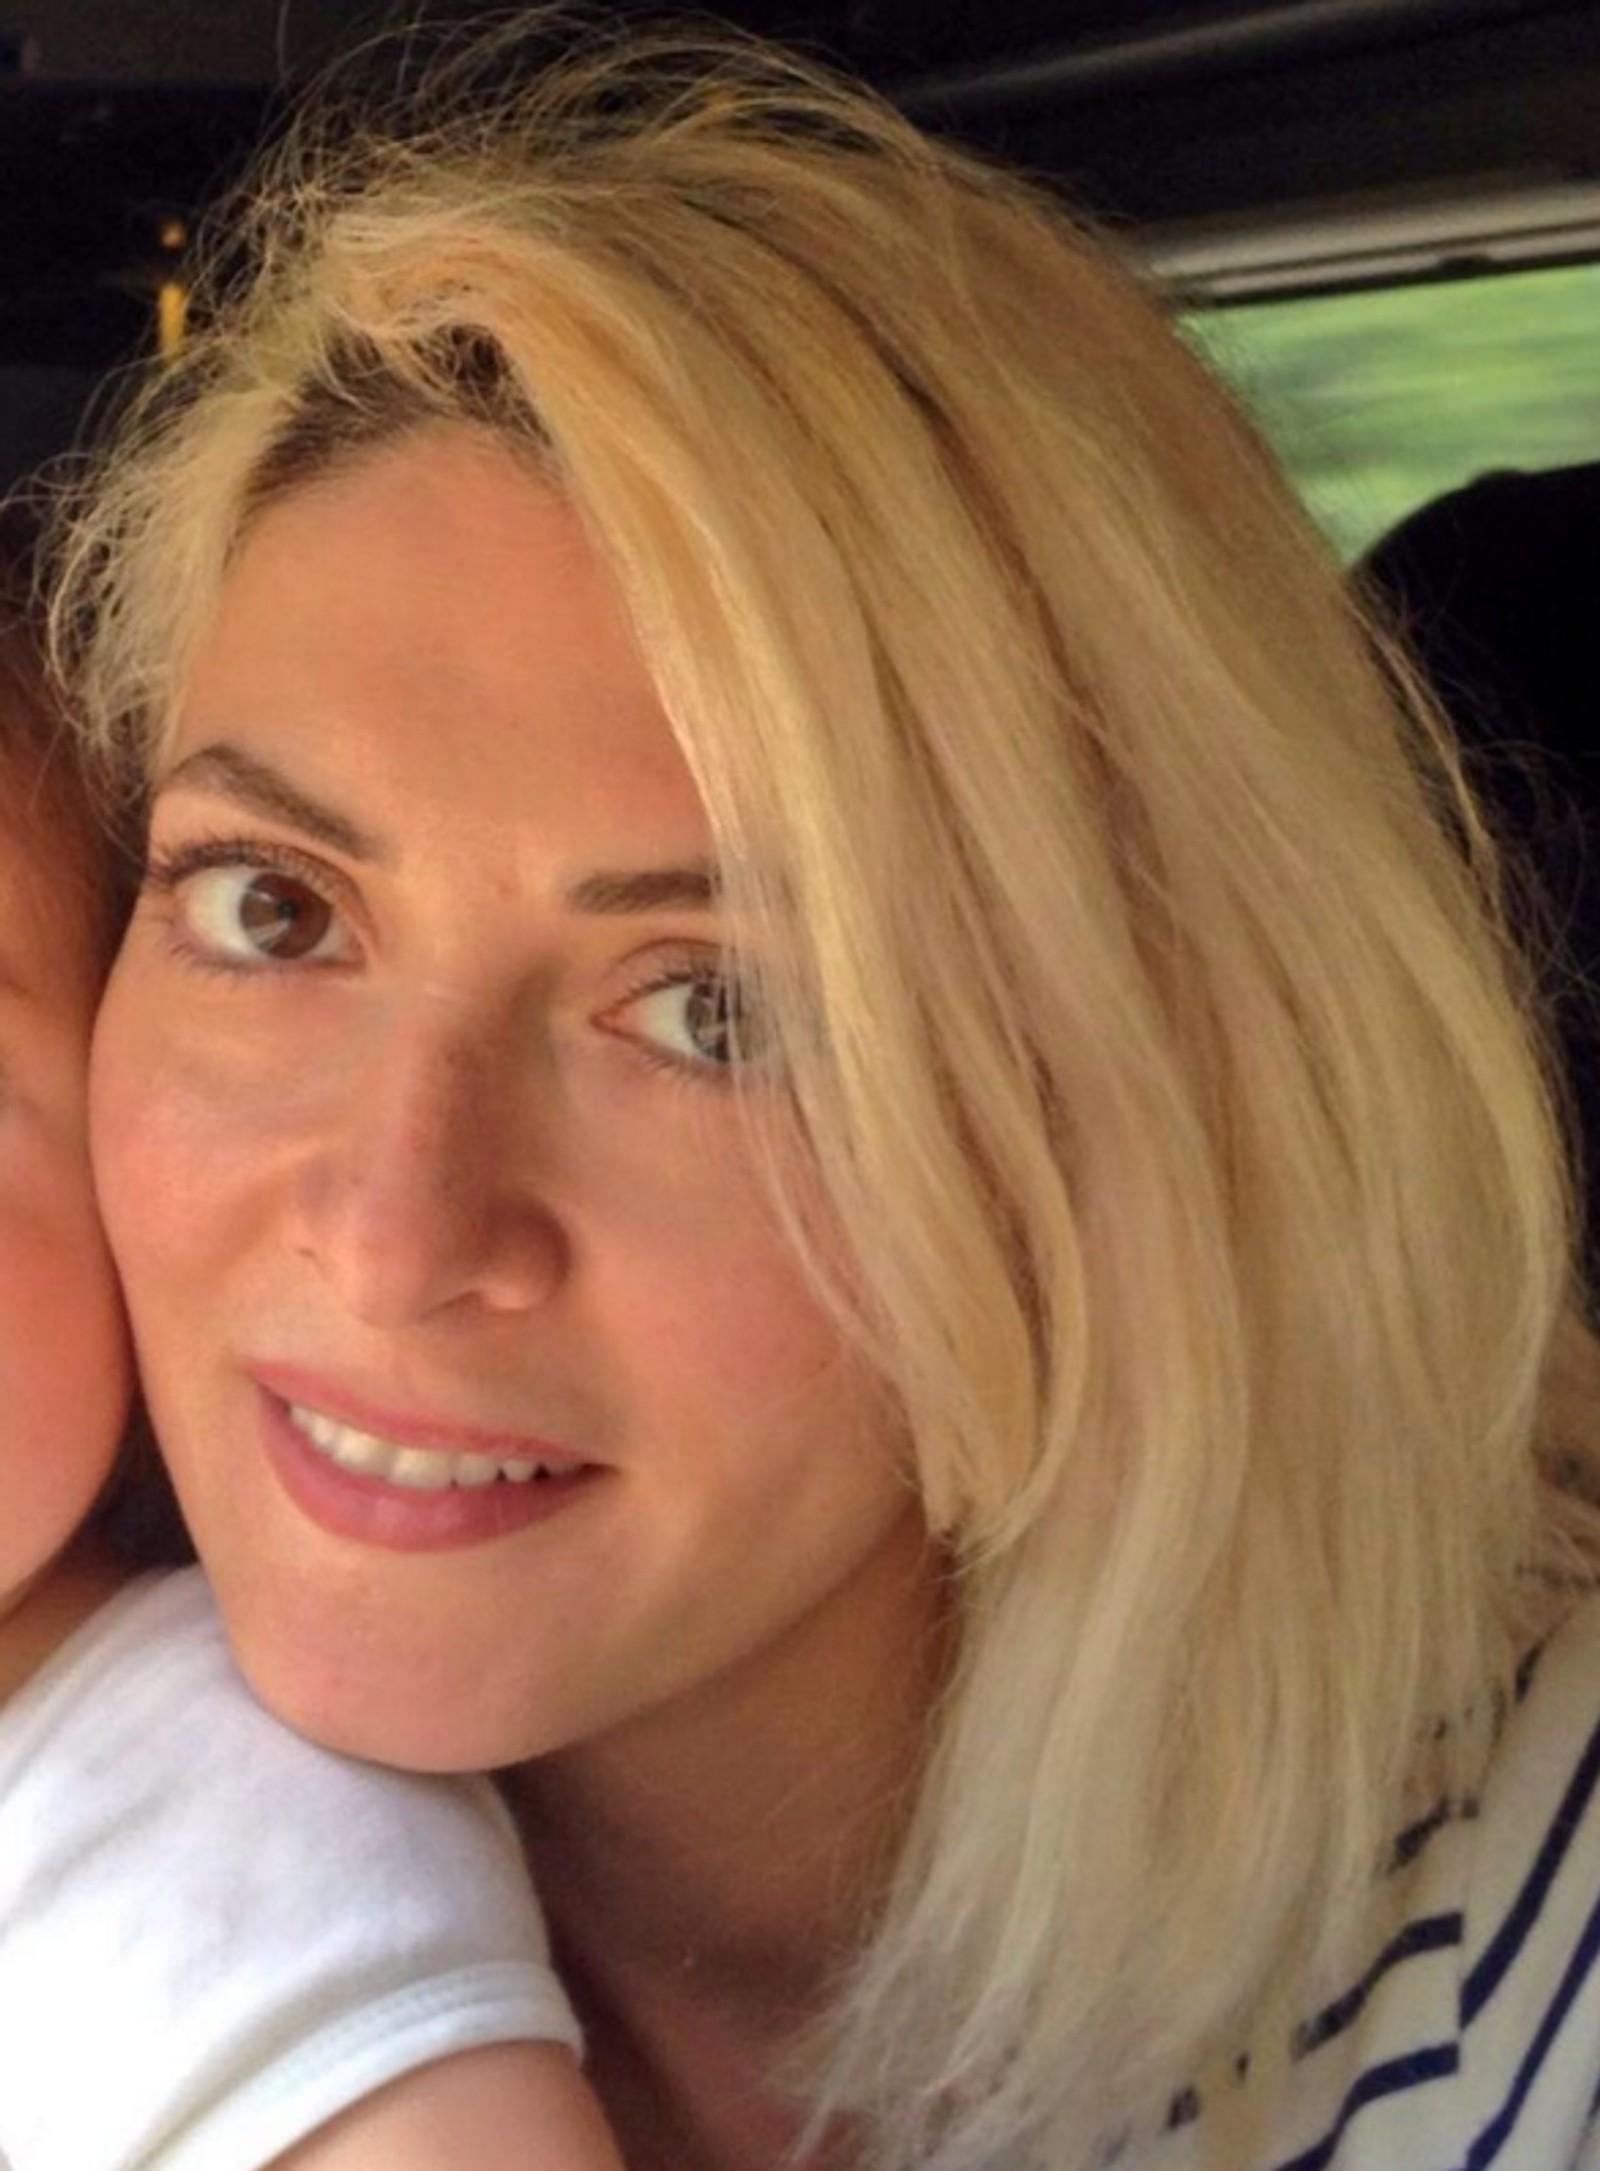 DREPT: Hélène Muyal Muyal (35) jobbet som sminkør og frisør i Paris. På Bataclan ble hun skutt og drept. Hélène etterlater seg en sønn på 17 måneder.